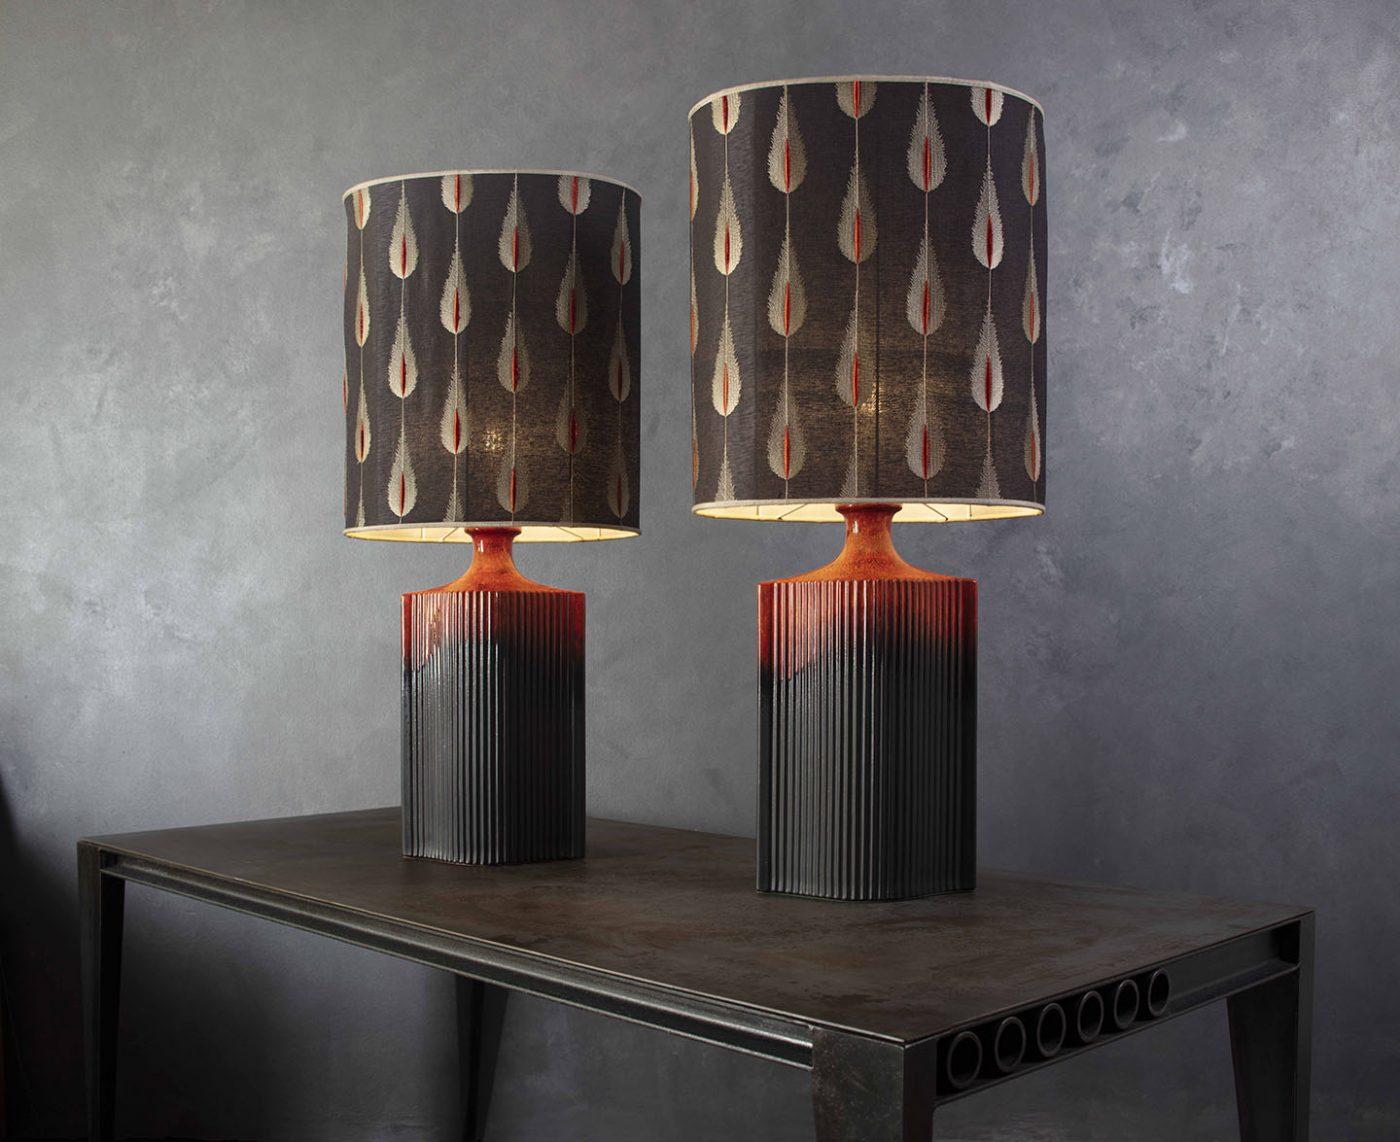 Tischlampen im Federdesign_harry clark interior